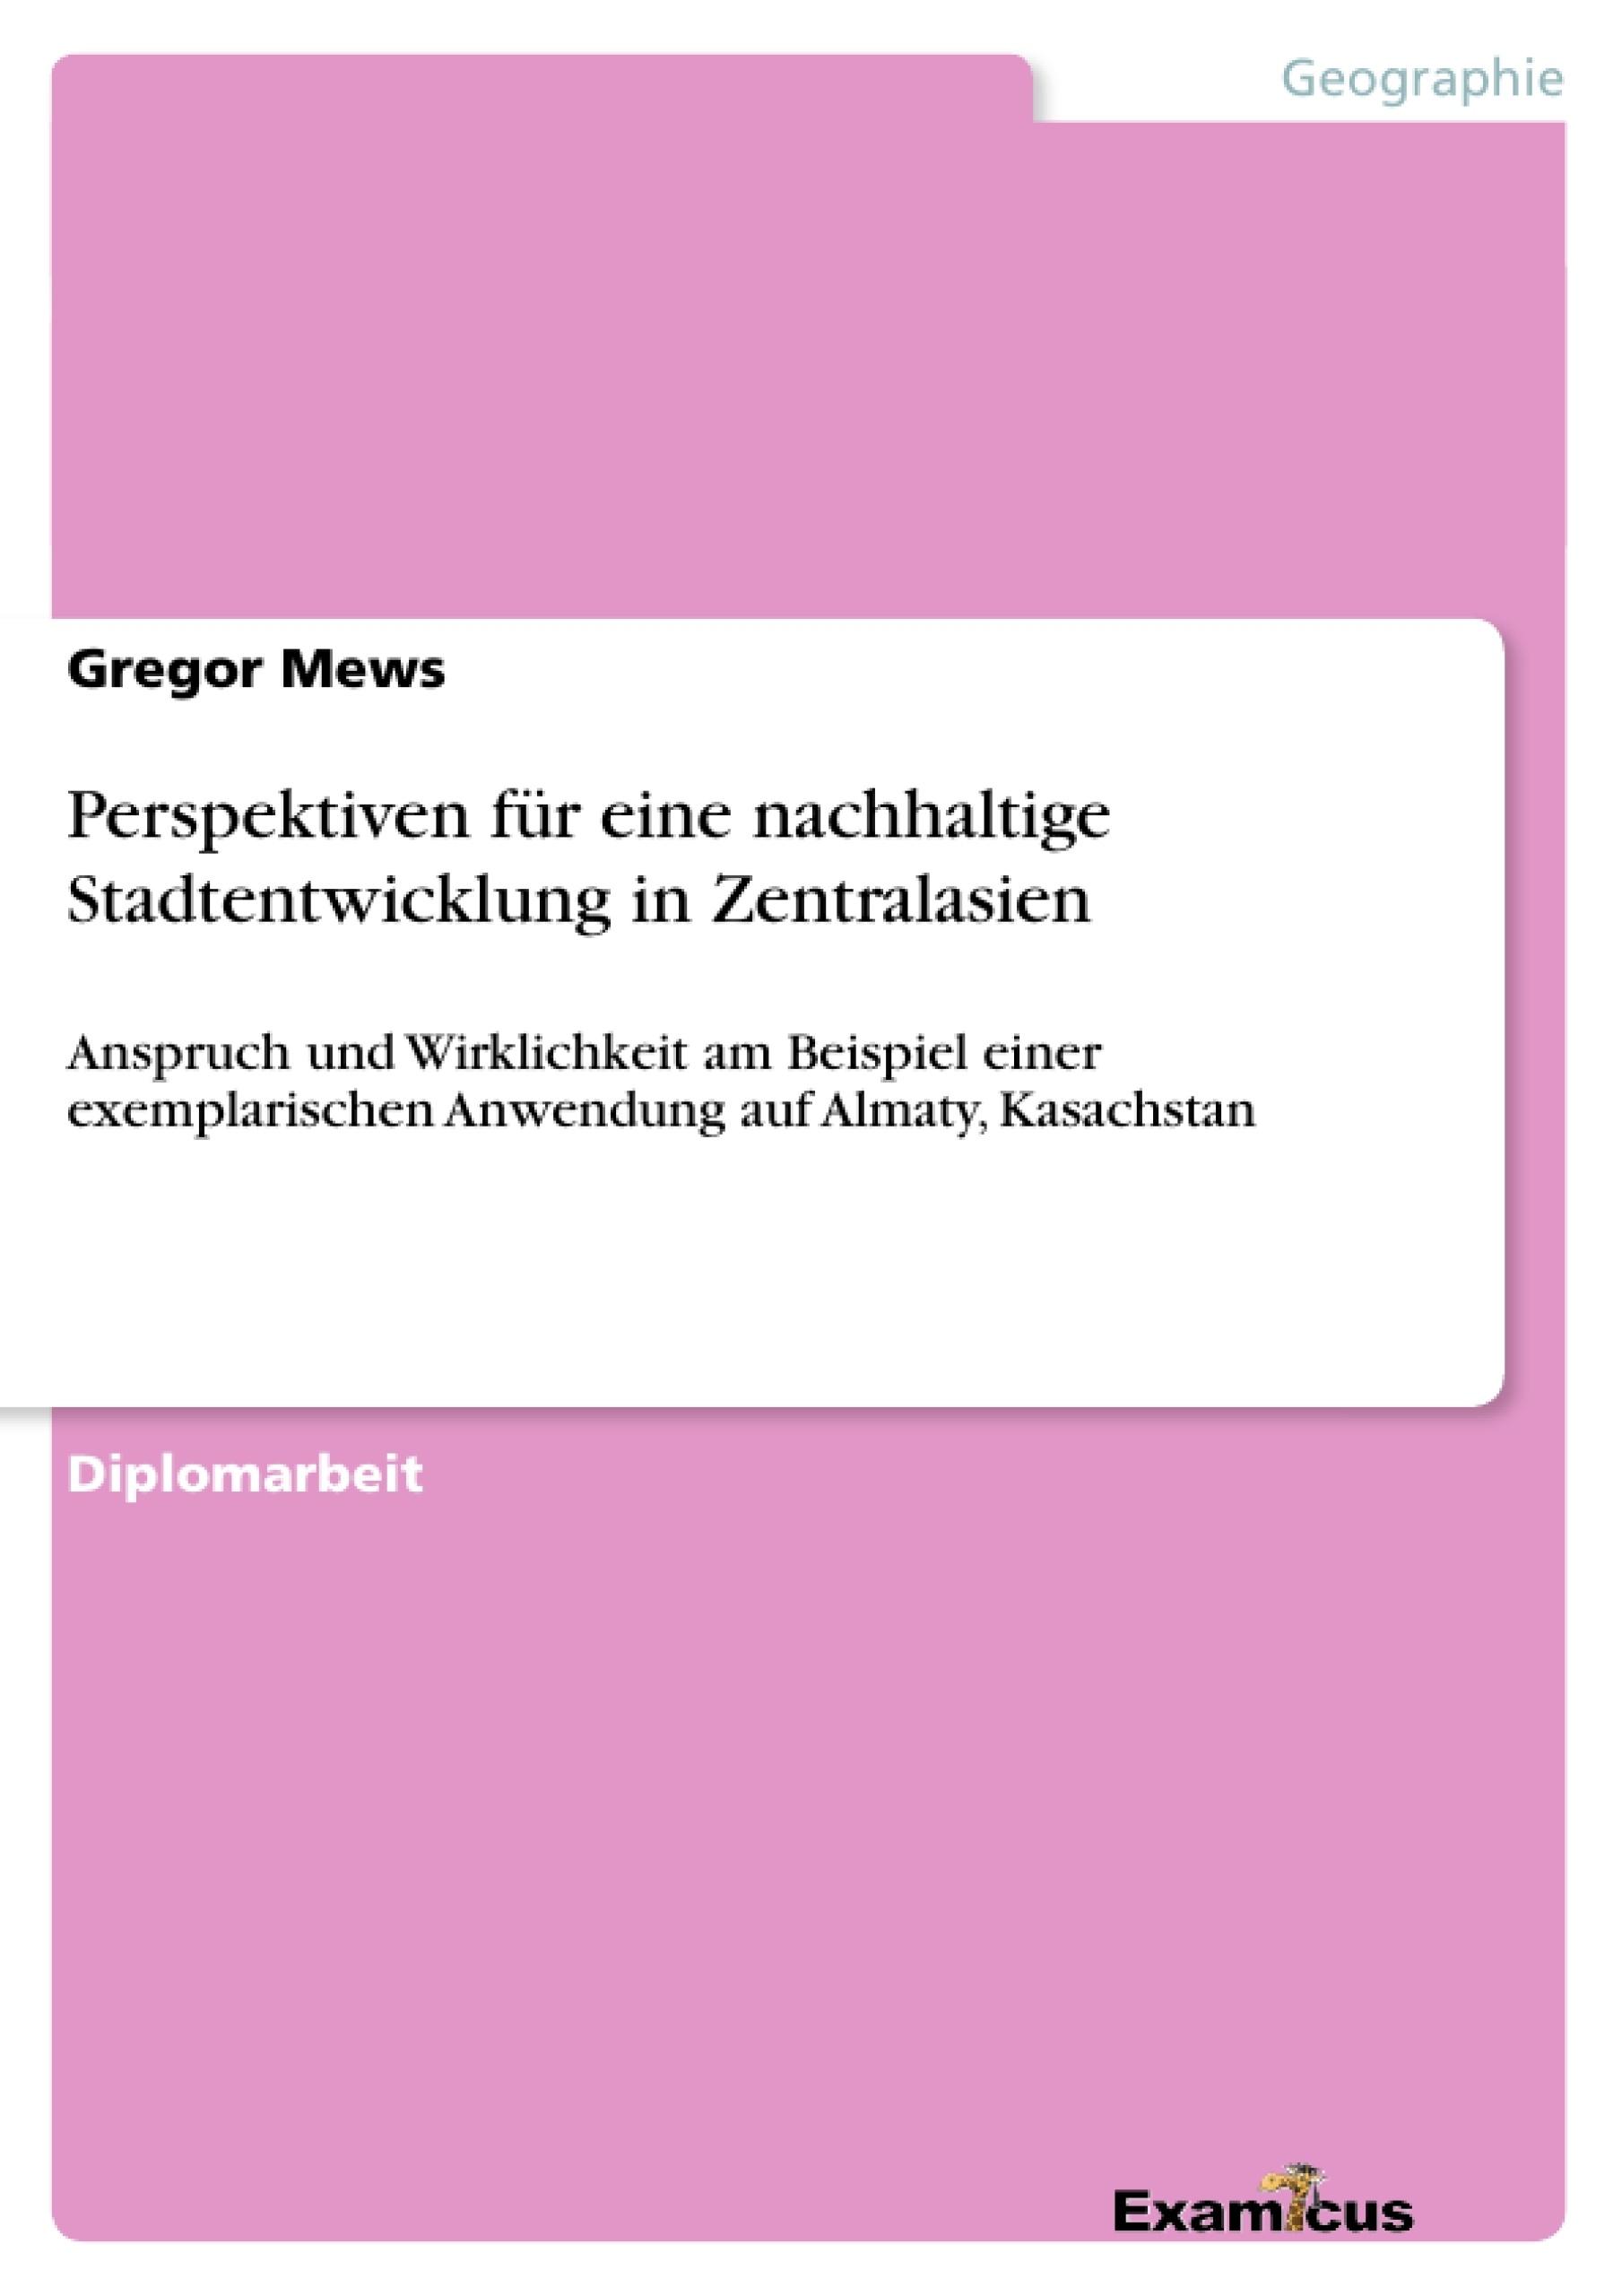 Titel: Perspektiven für eine nachhaltige Stadtentwicklung in Zentralasien